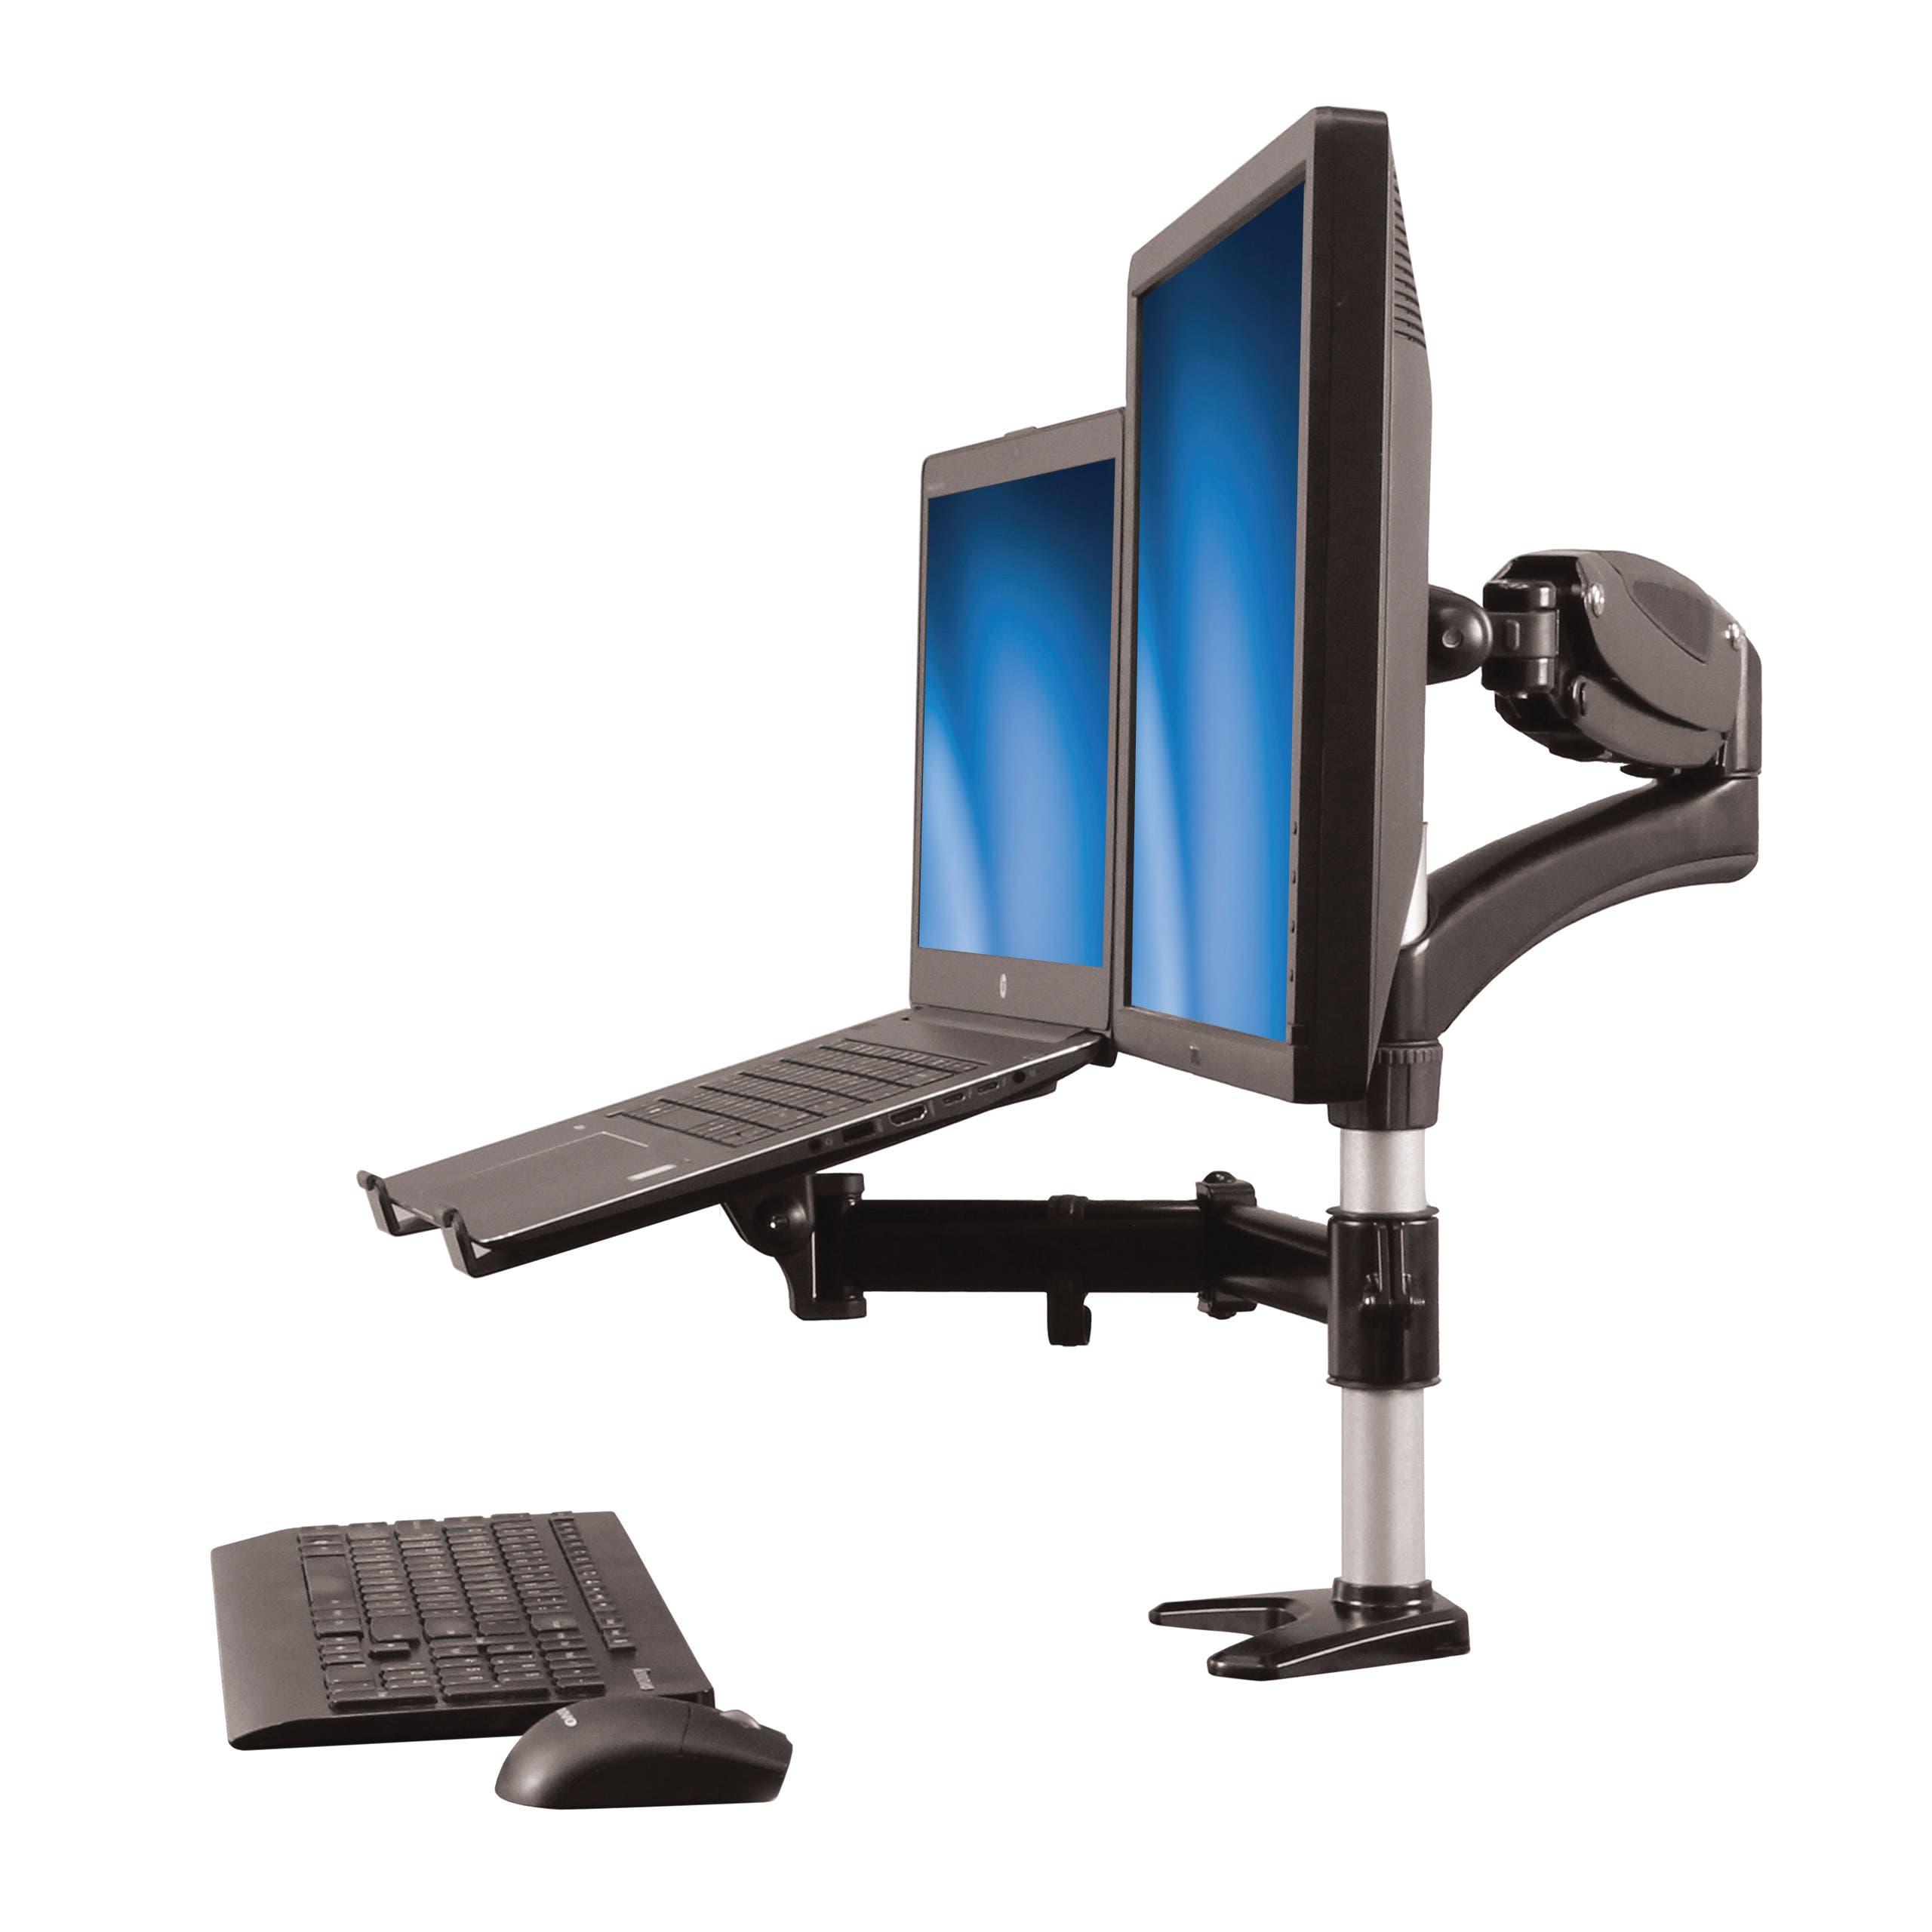 Review: Monitorarm von StarTech.com mit praktischem Laptop-Halter im Test